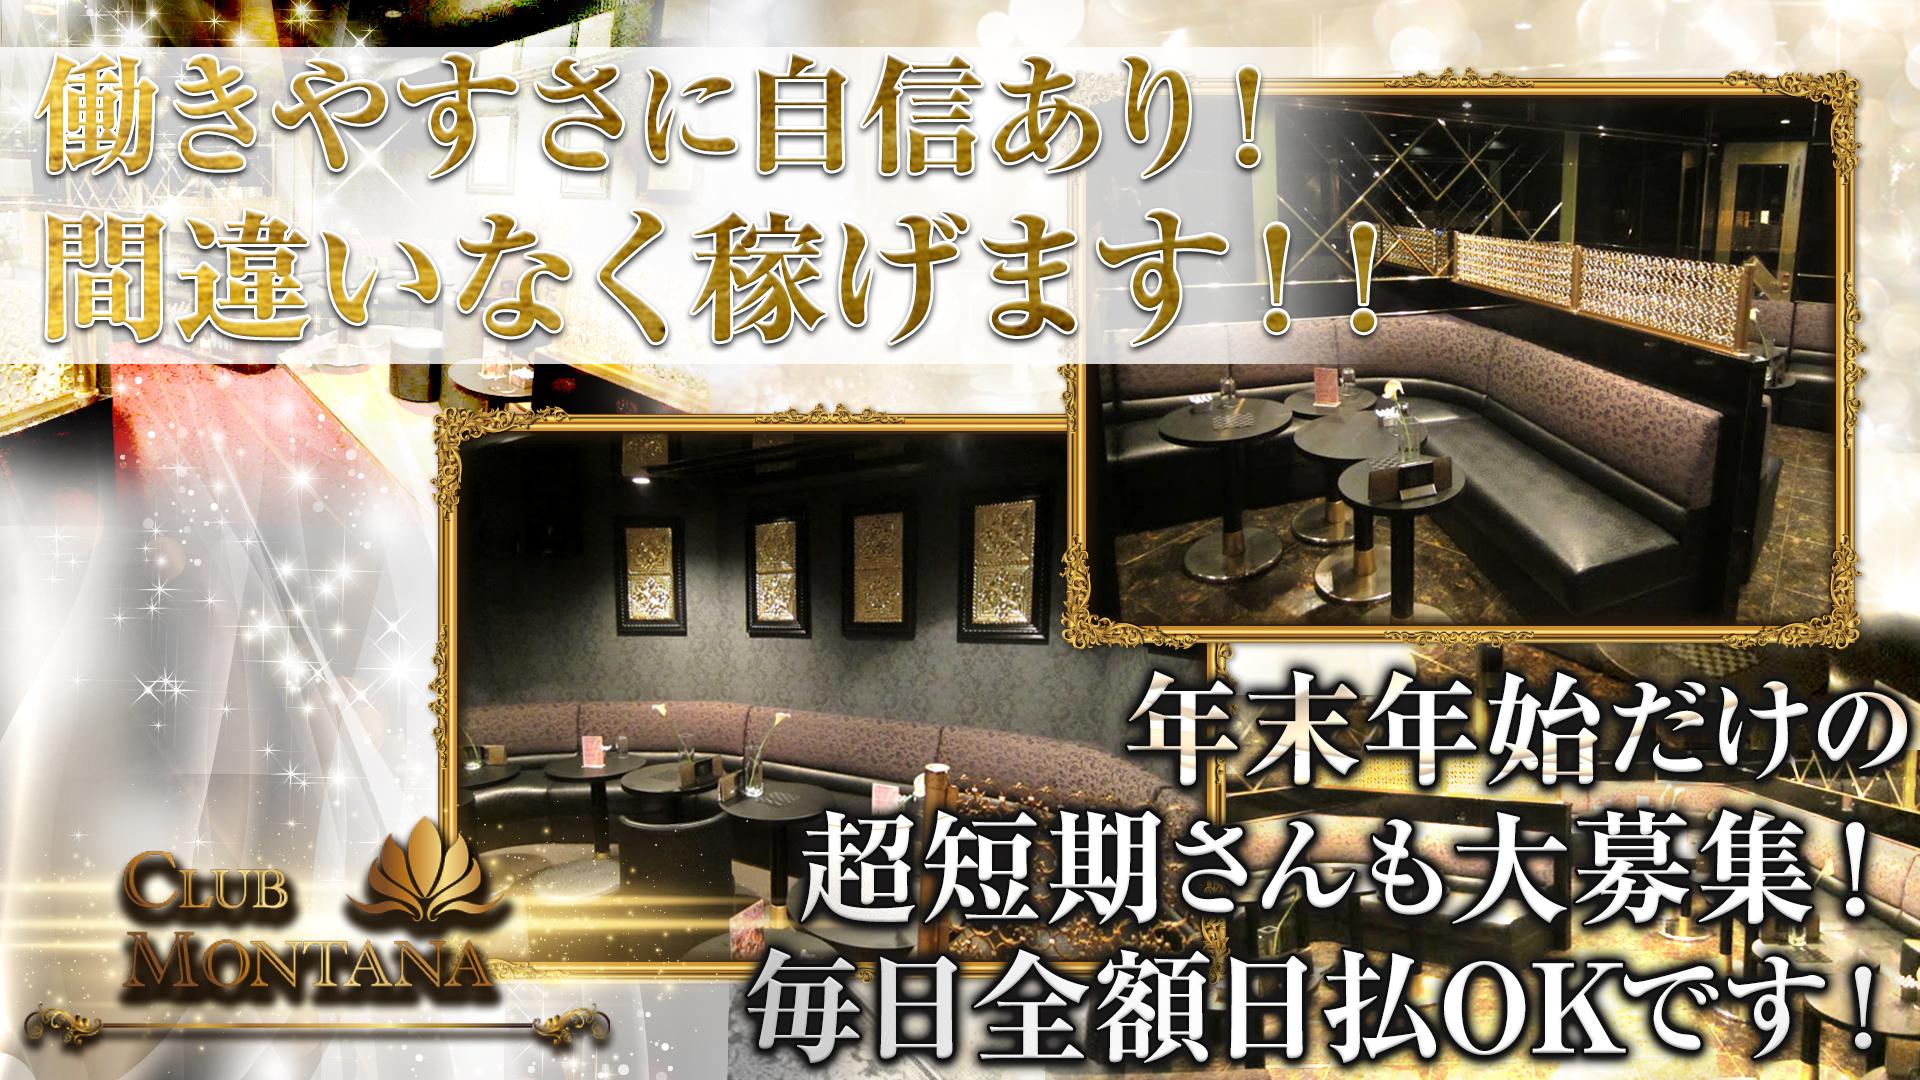 CLUB MONTANA[クラブ モンタナ] 津田沼 キャバクラ TOP画像